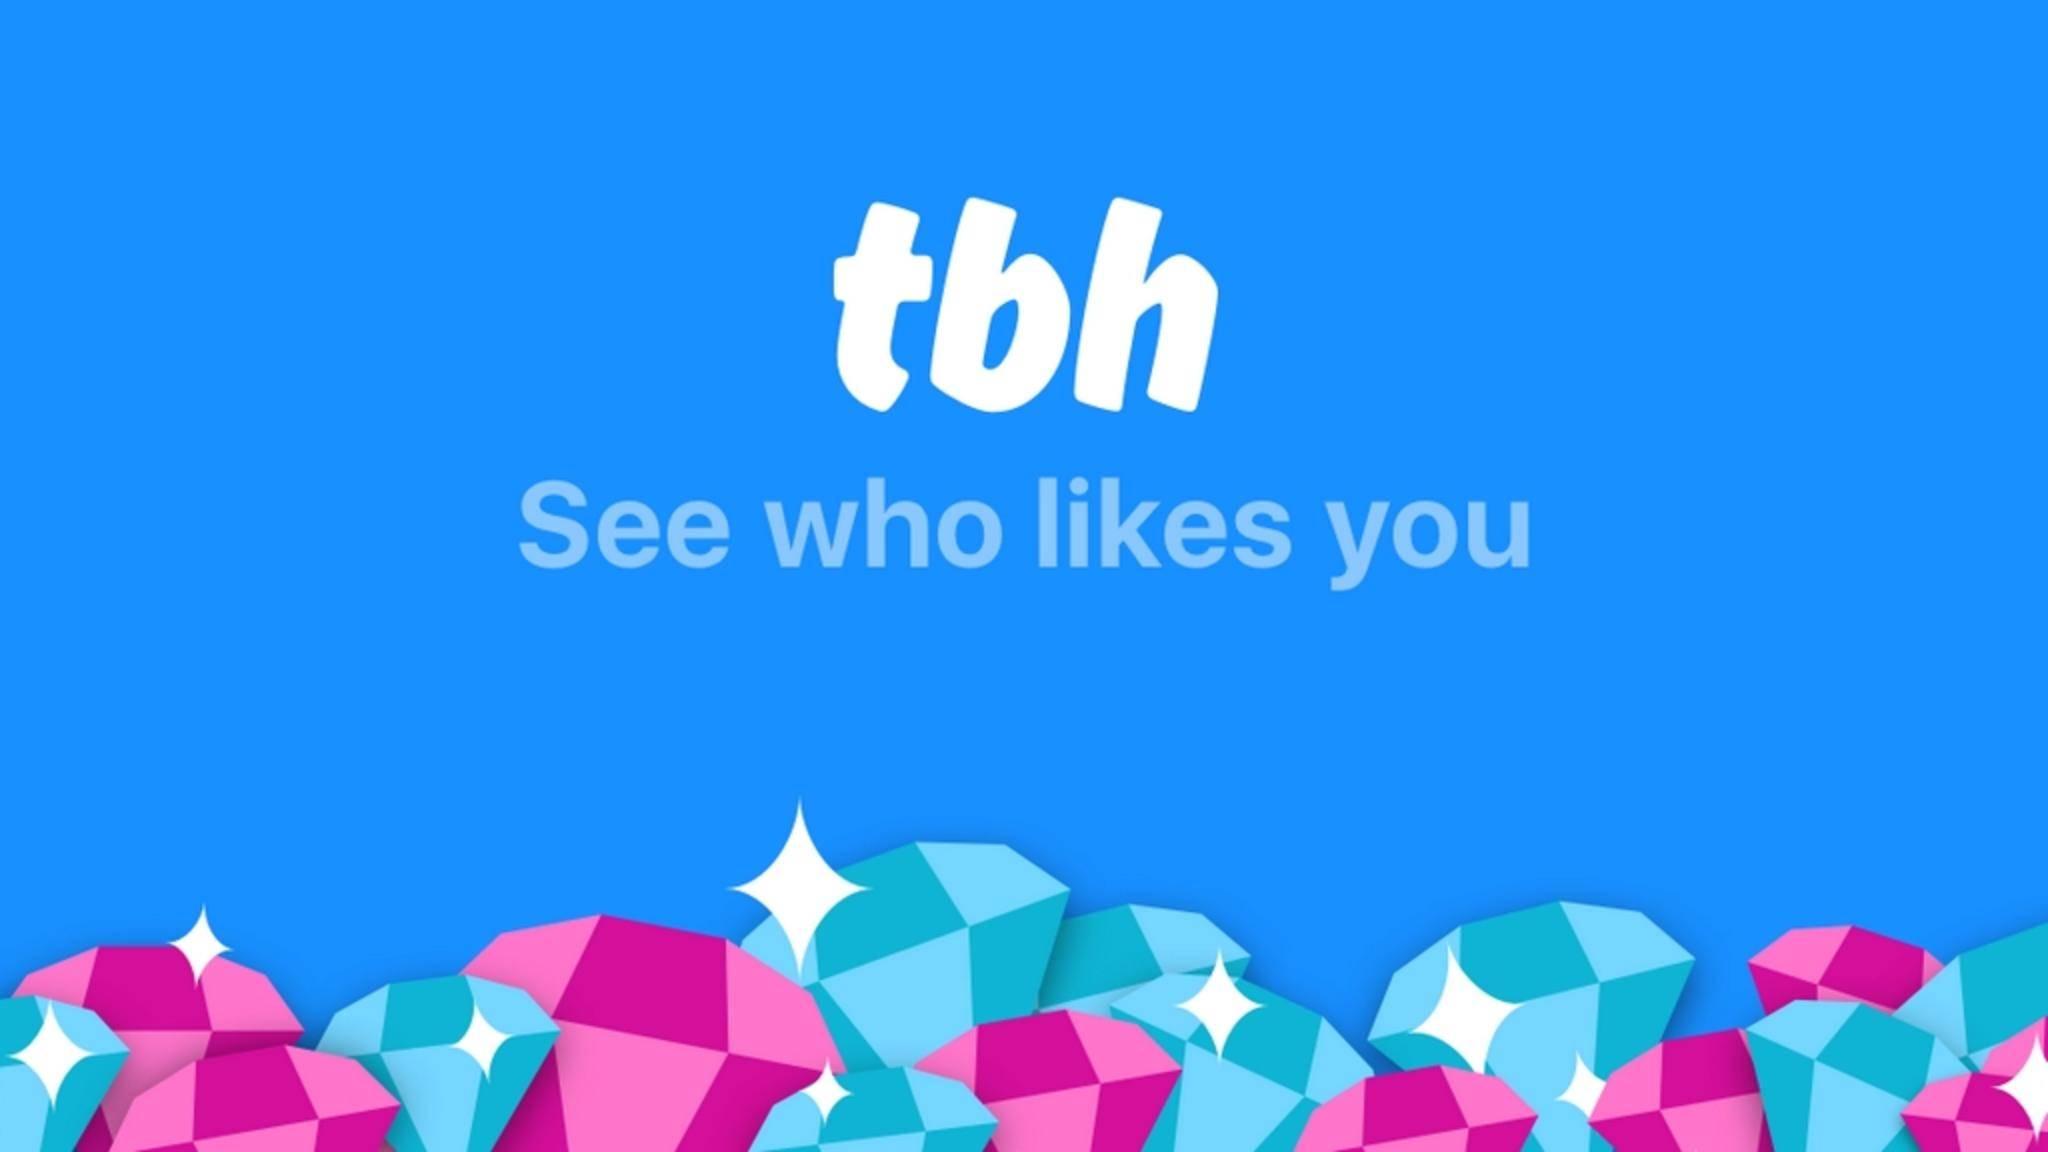 Facebook schnappt sich die Komplimente-App tbh.